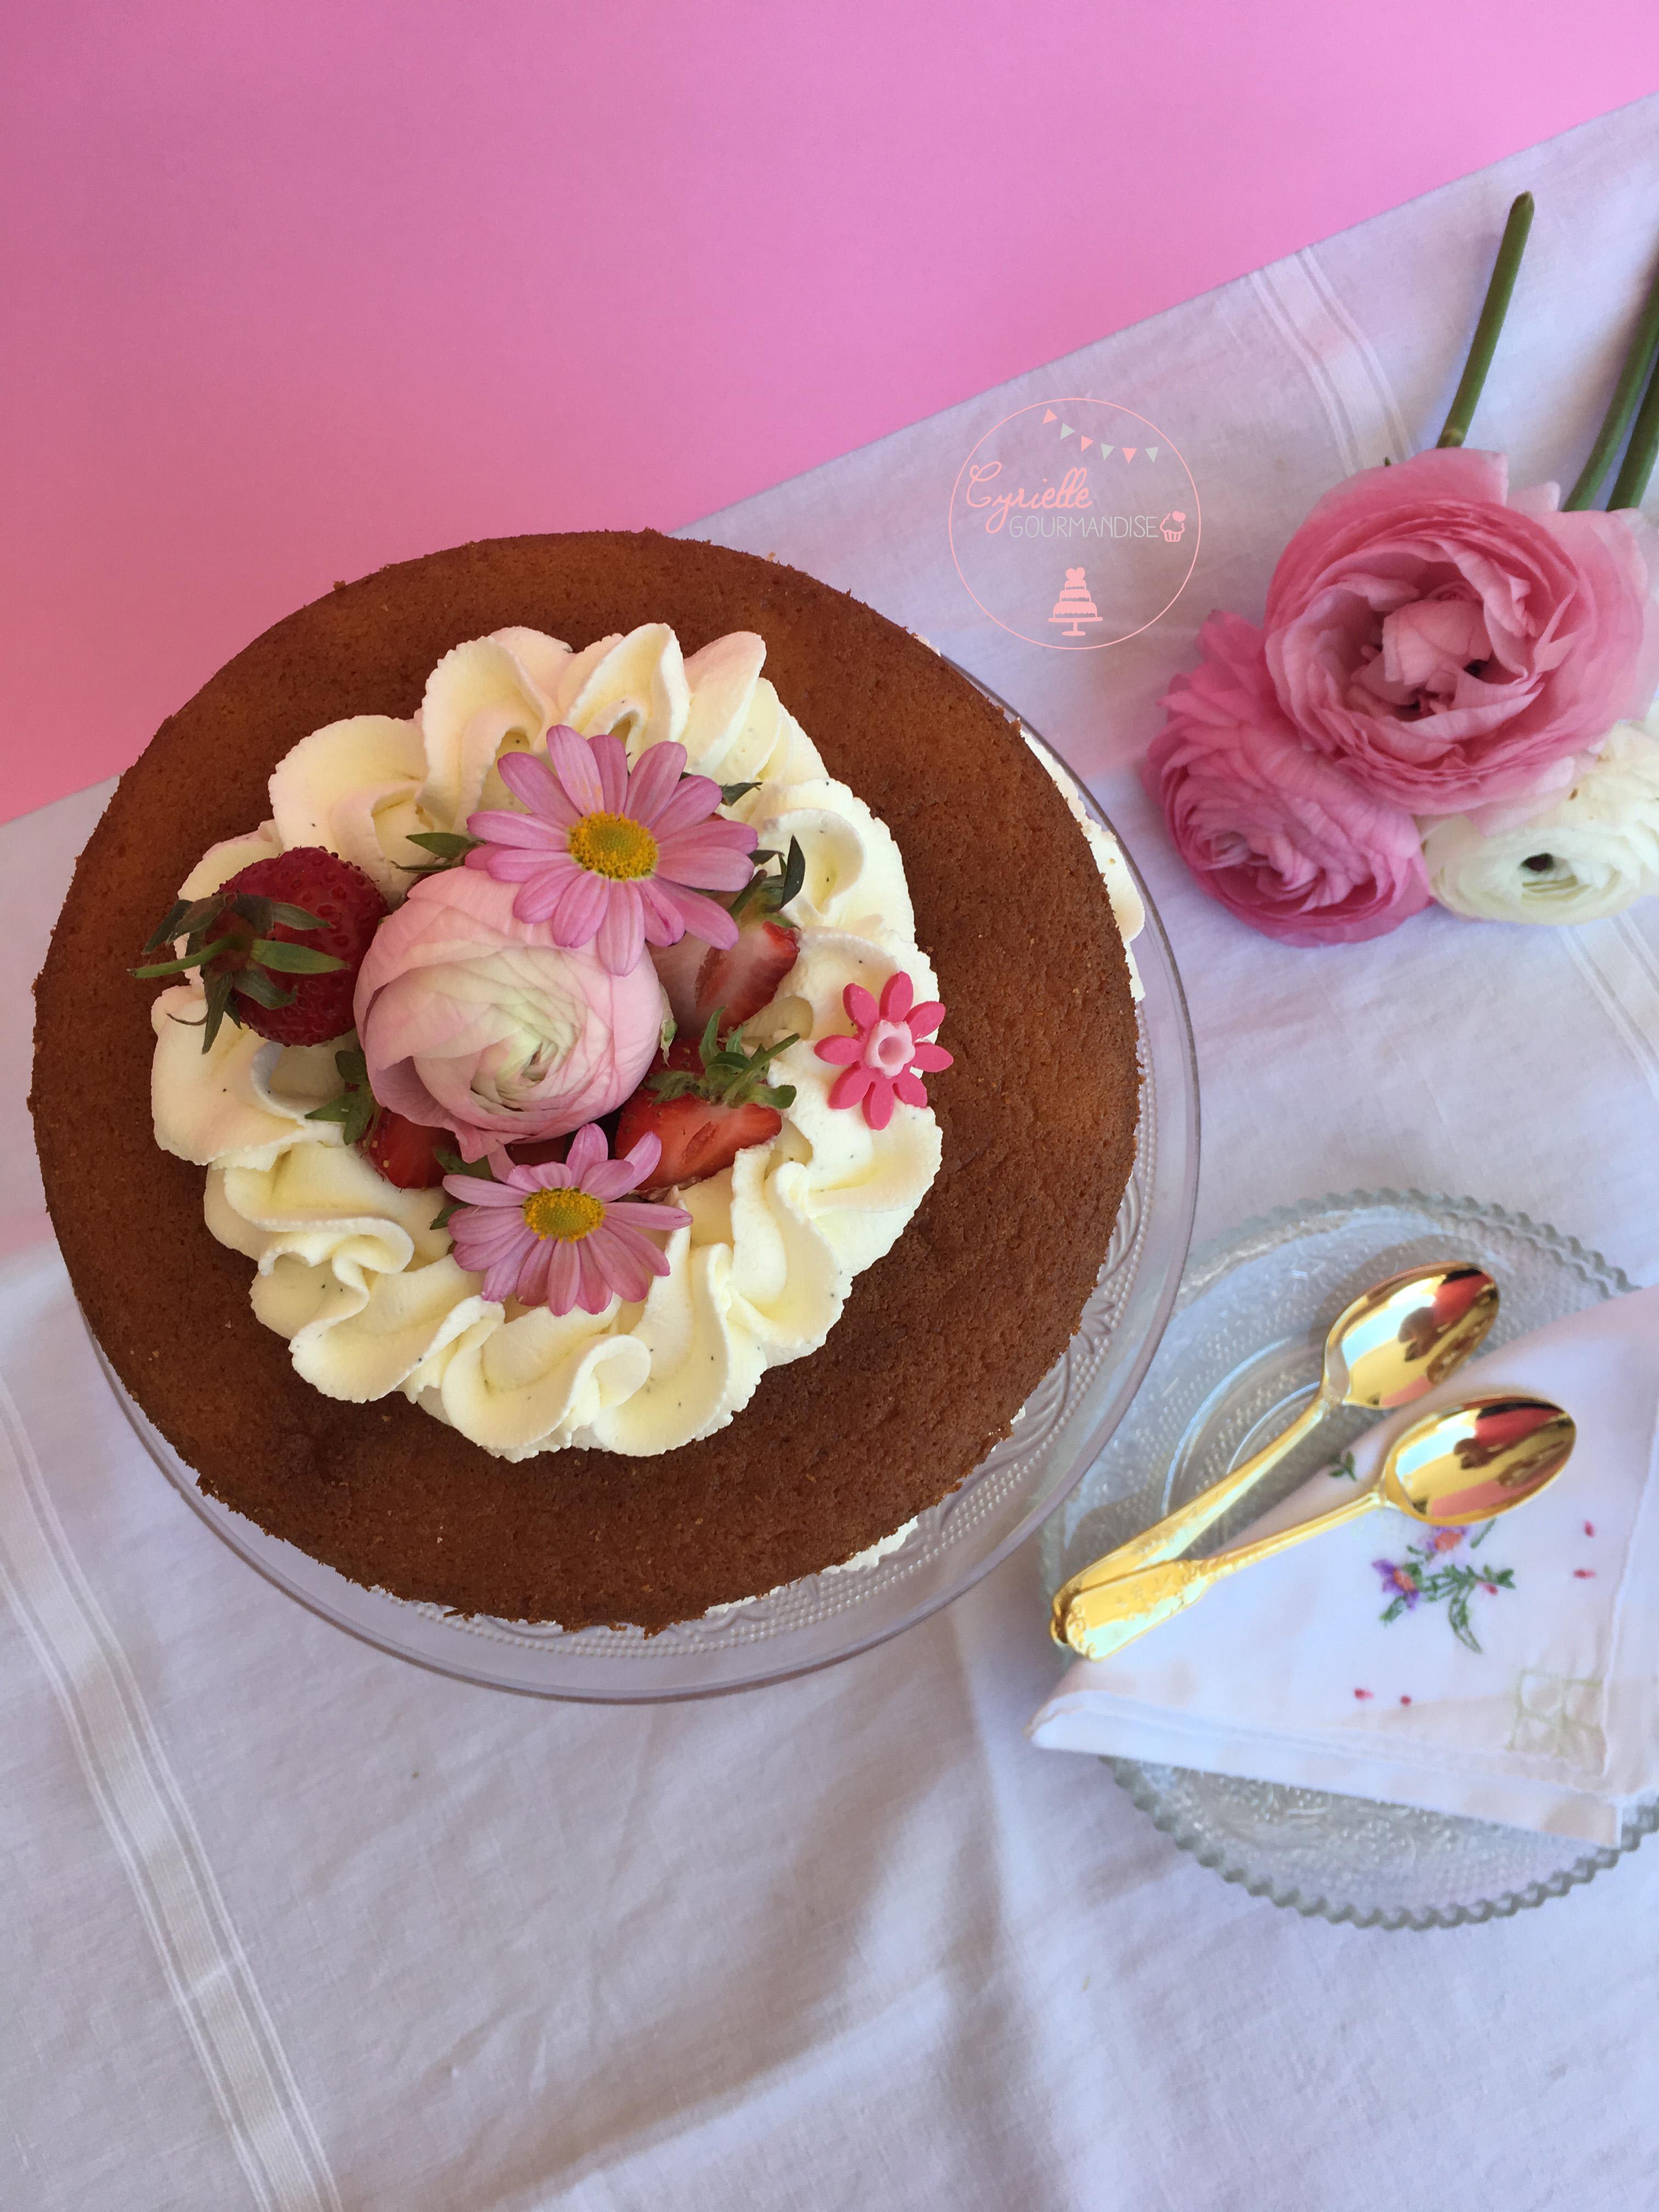 Naked Chiffon Cake Fraise Rhubarbe Vanille 3